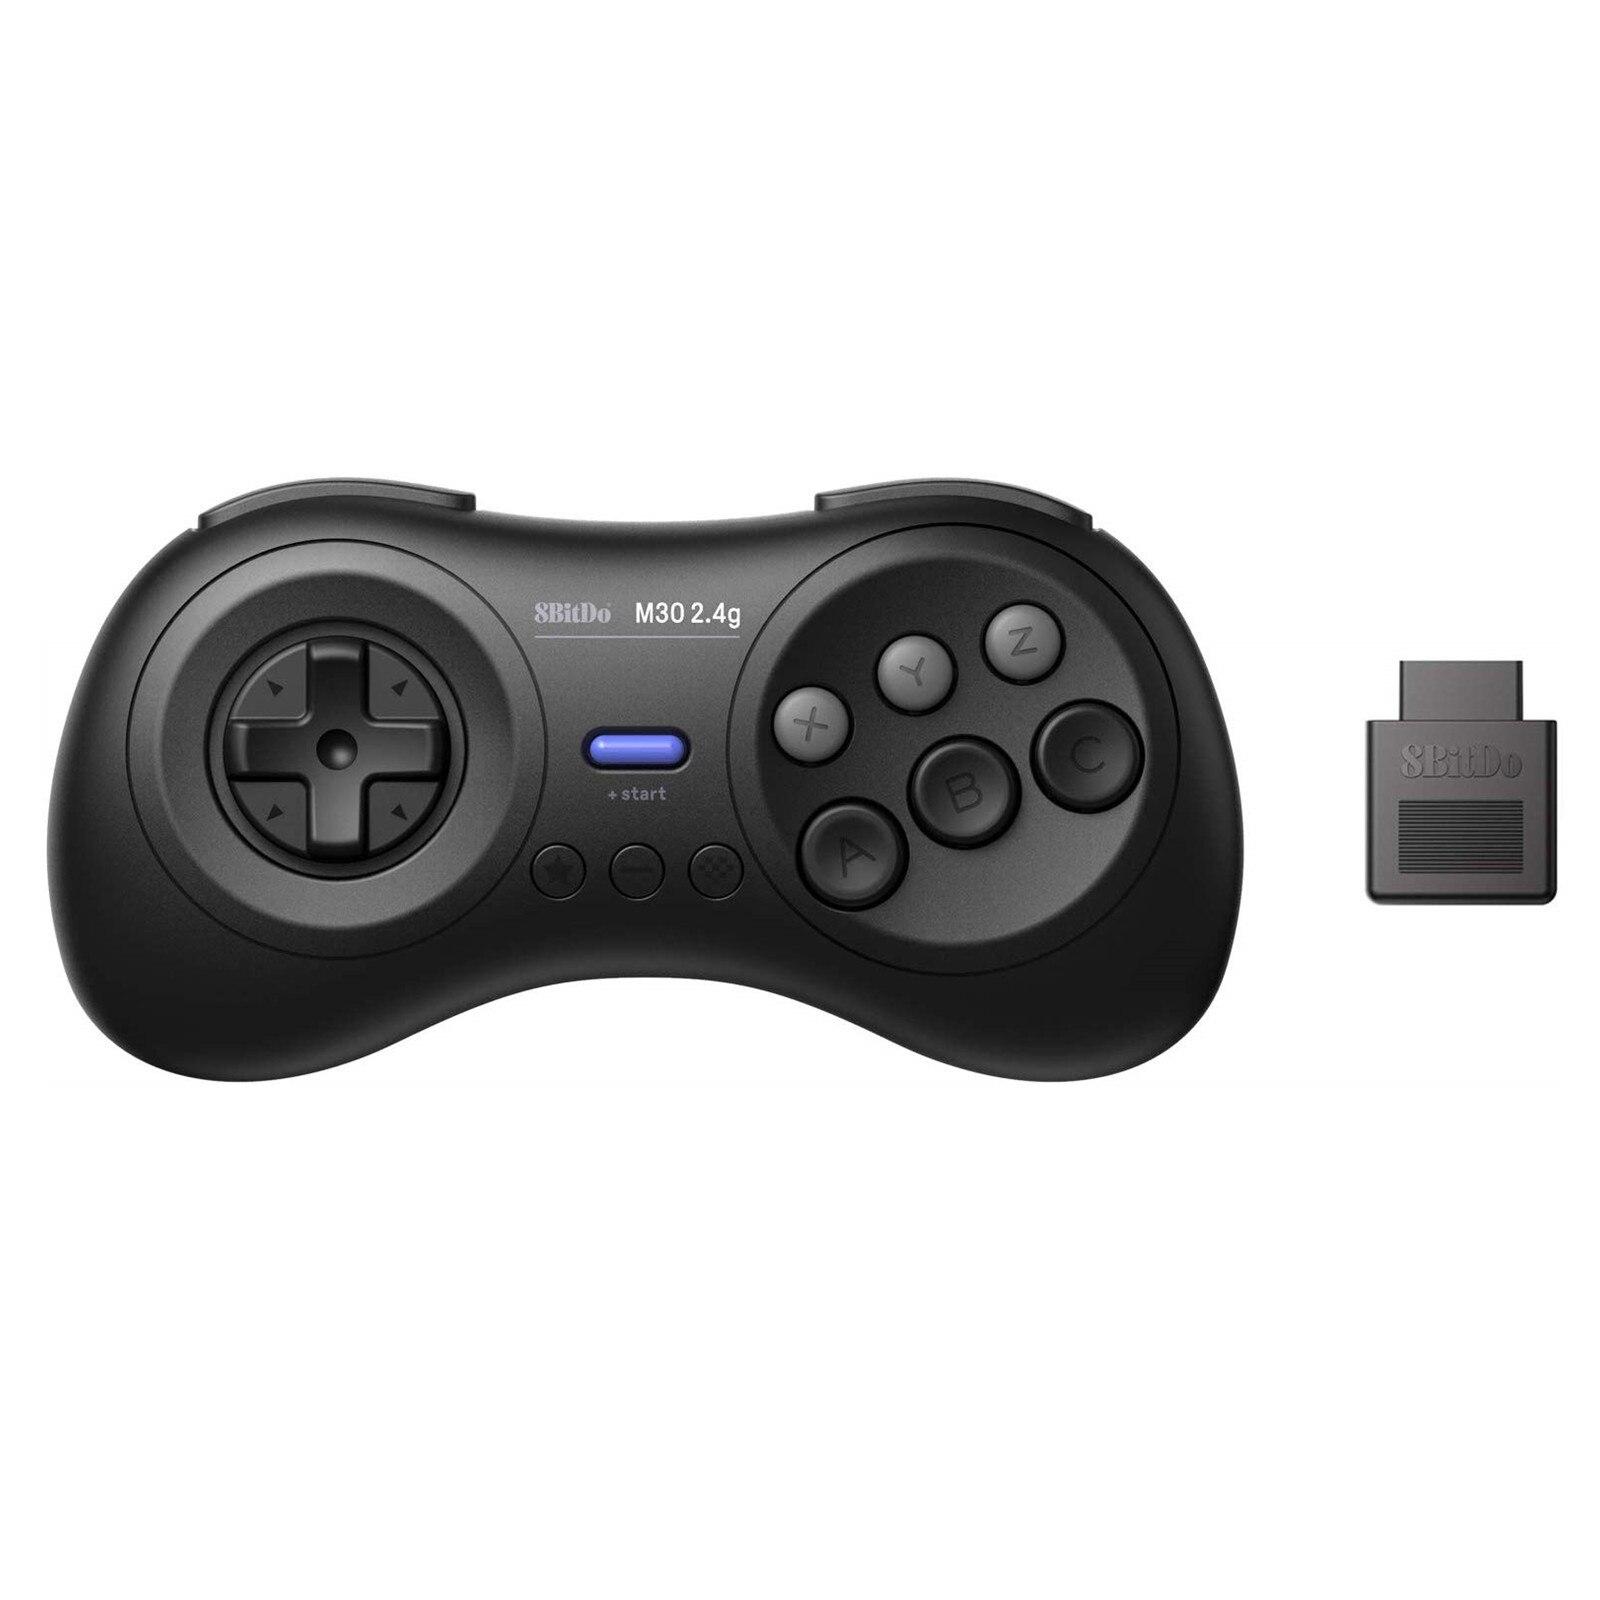 【免運】💎廠家直銷💎8Bitdo八位堂M30 2.4G無線 手柄 MD遊戲機 有線連接電腦Switch 連發